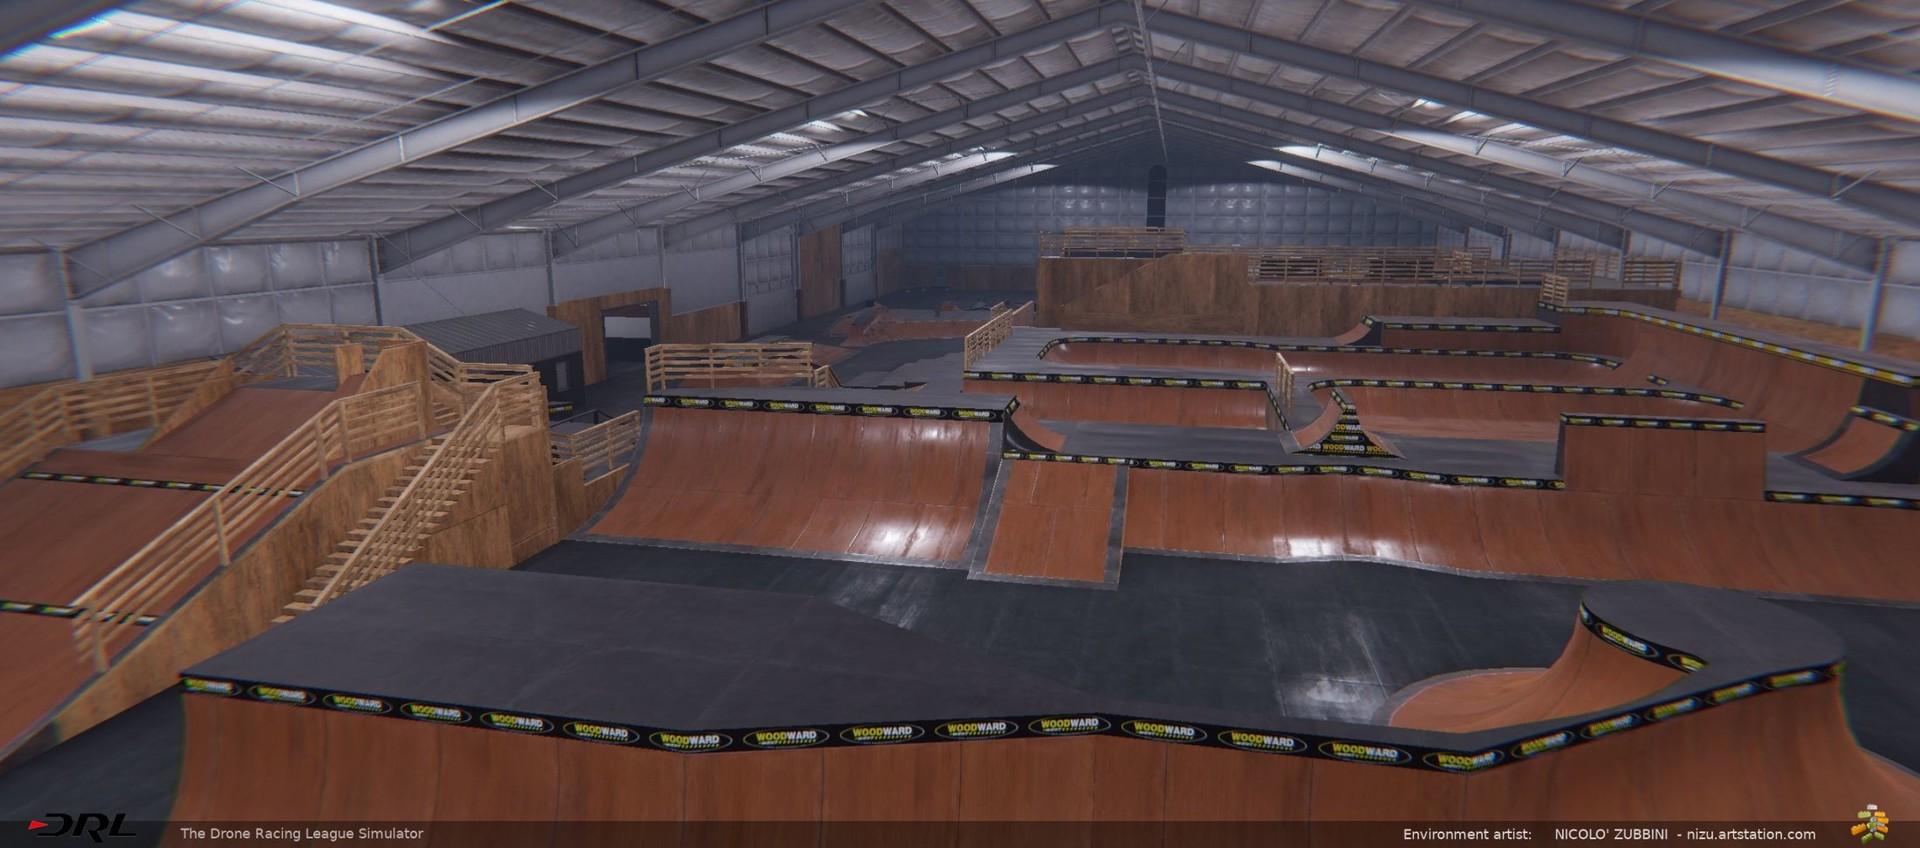 Nicolo zubbini drl skatepark 3